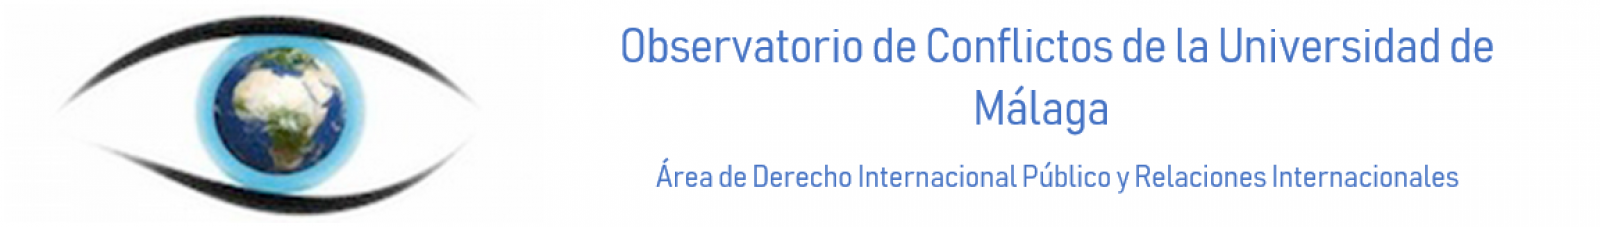 Observatorio de Conflictos de la Universidad de Málaga